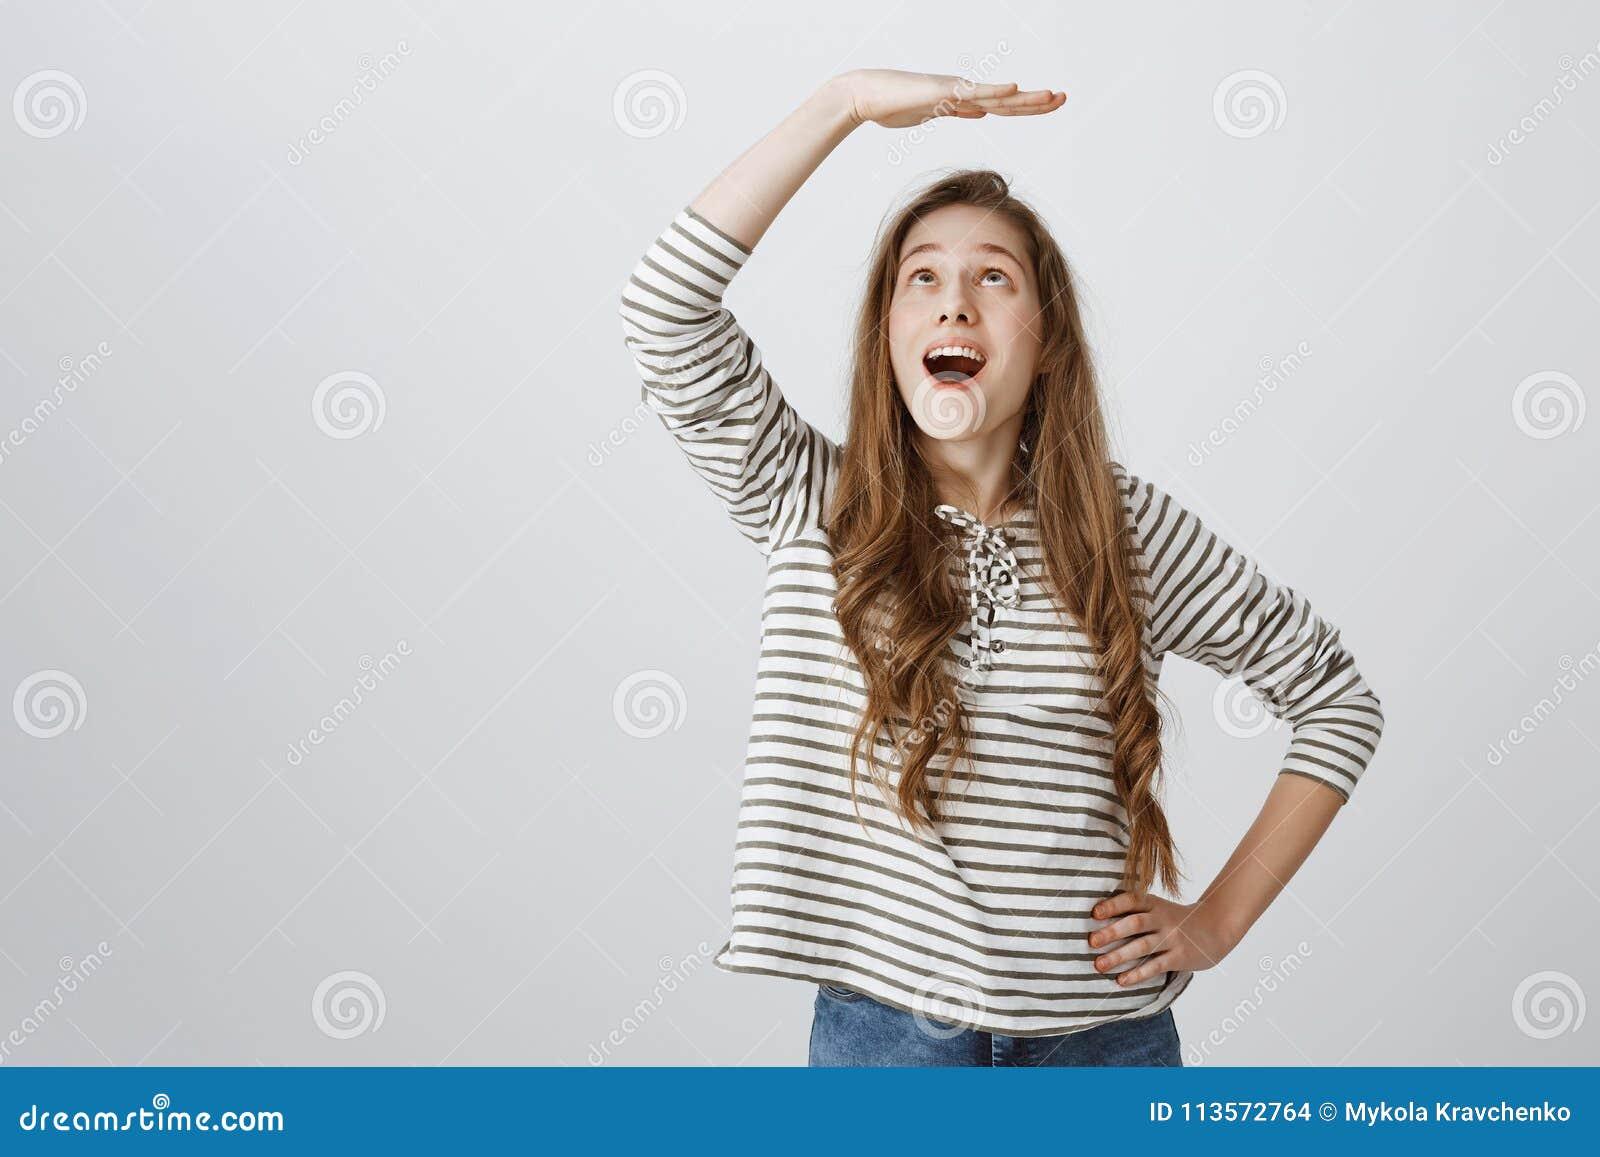 Vrolijke meisjesdromen om hoger te worden Portret van aantrekkelijke speelse vrouw die palm boven hoofd opheffen alsof metend